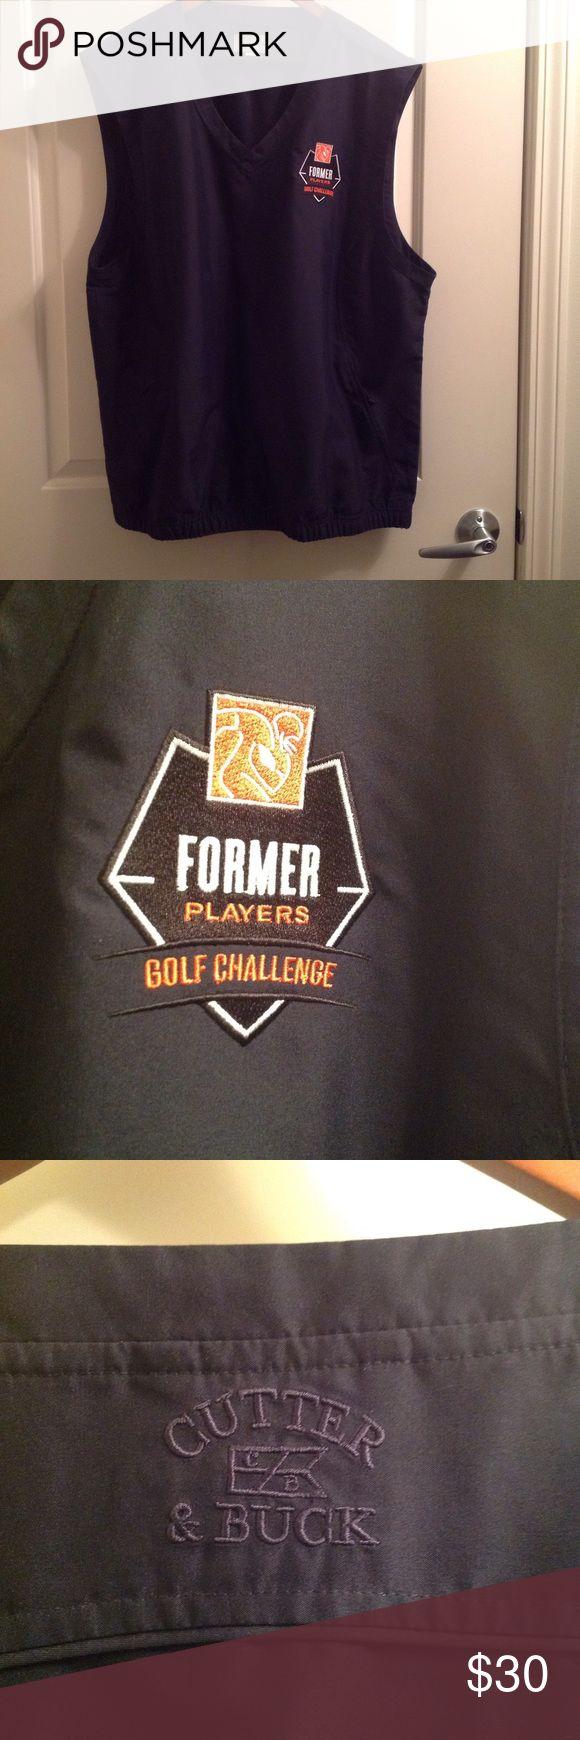 NFL players association golf vest Cutter & Buck NFL Former Players Association Golf Vest Cutter & Buck Other